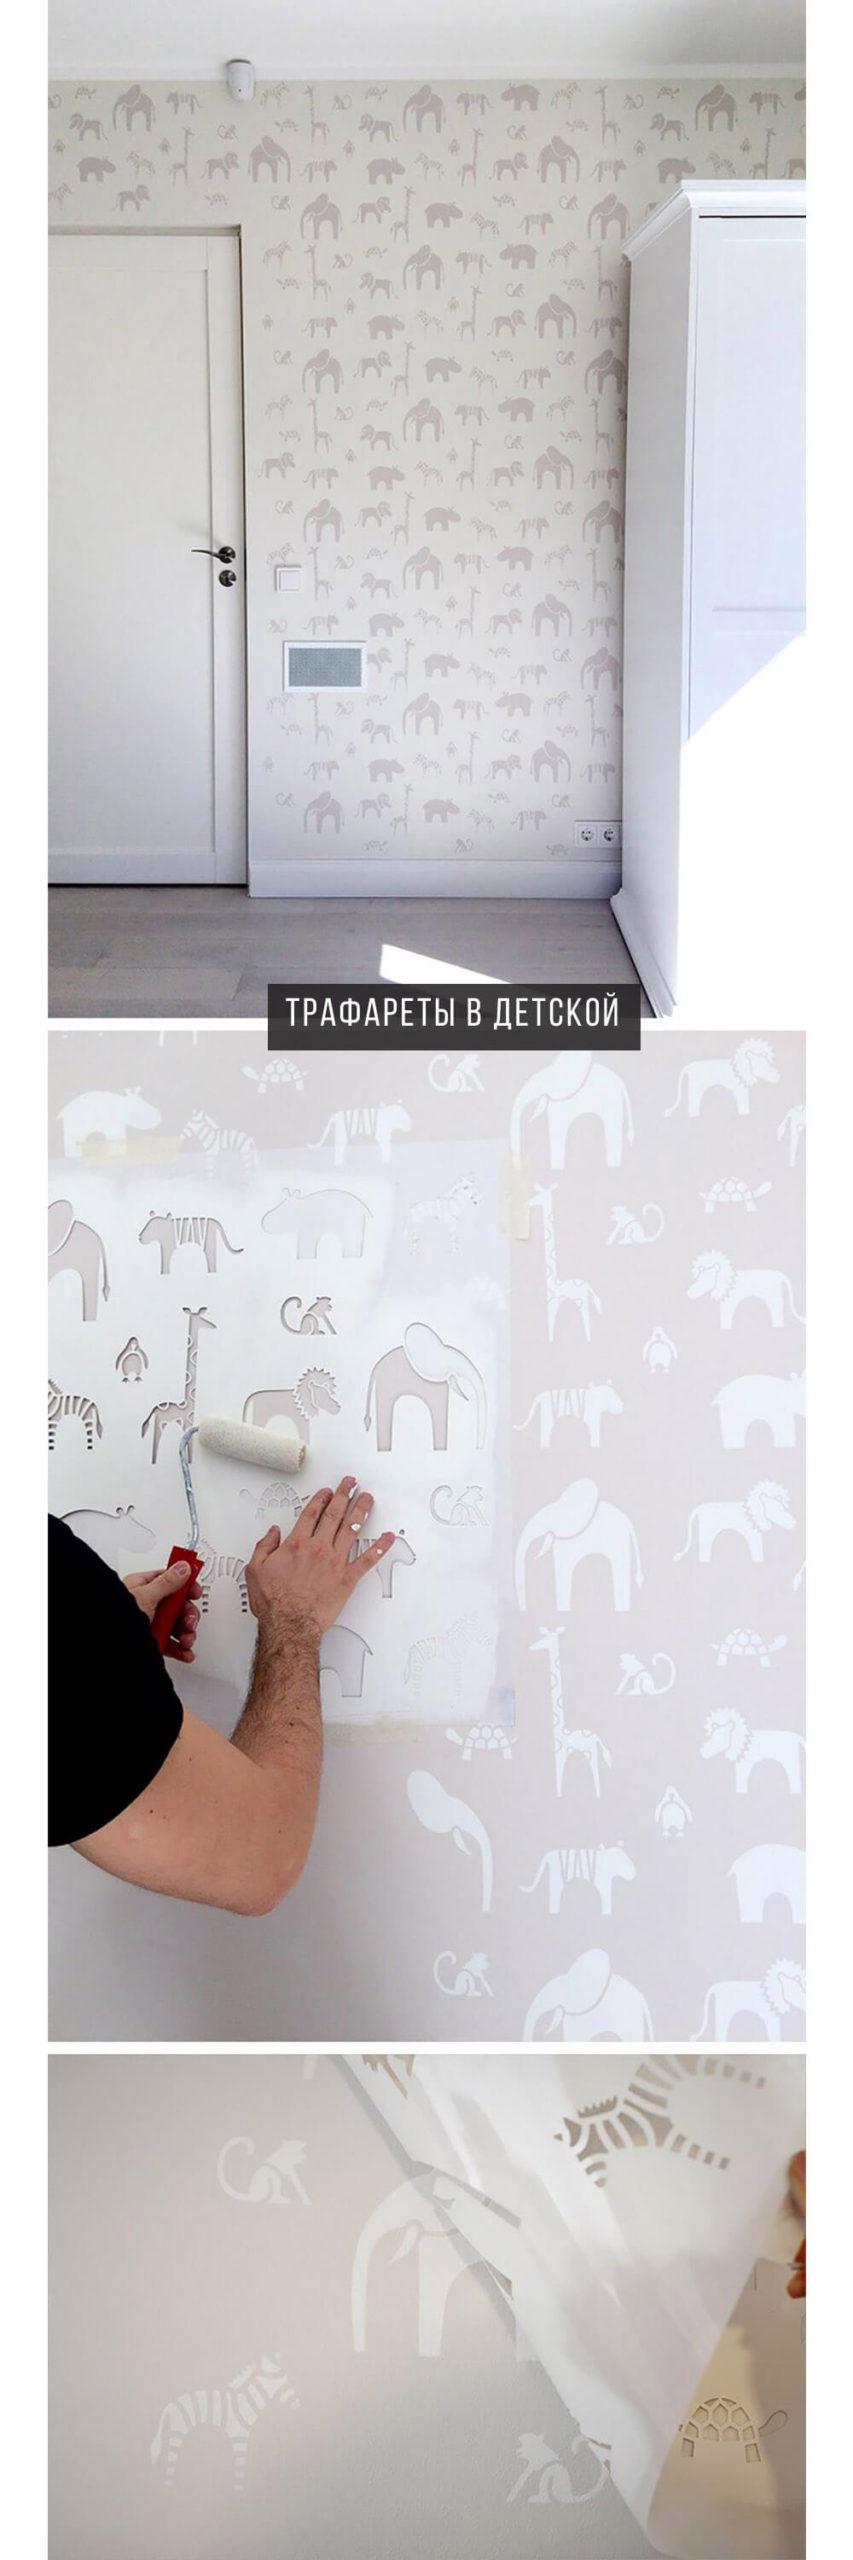 Как оформить стену в детской трафаретом